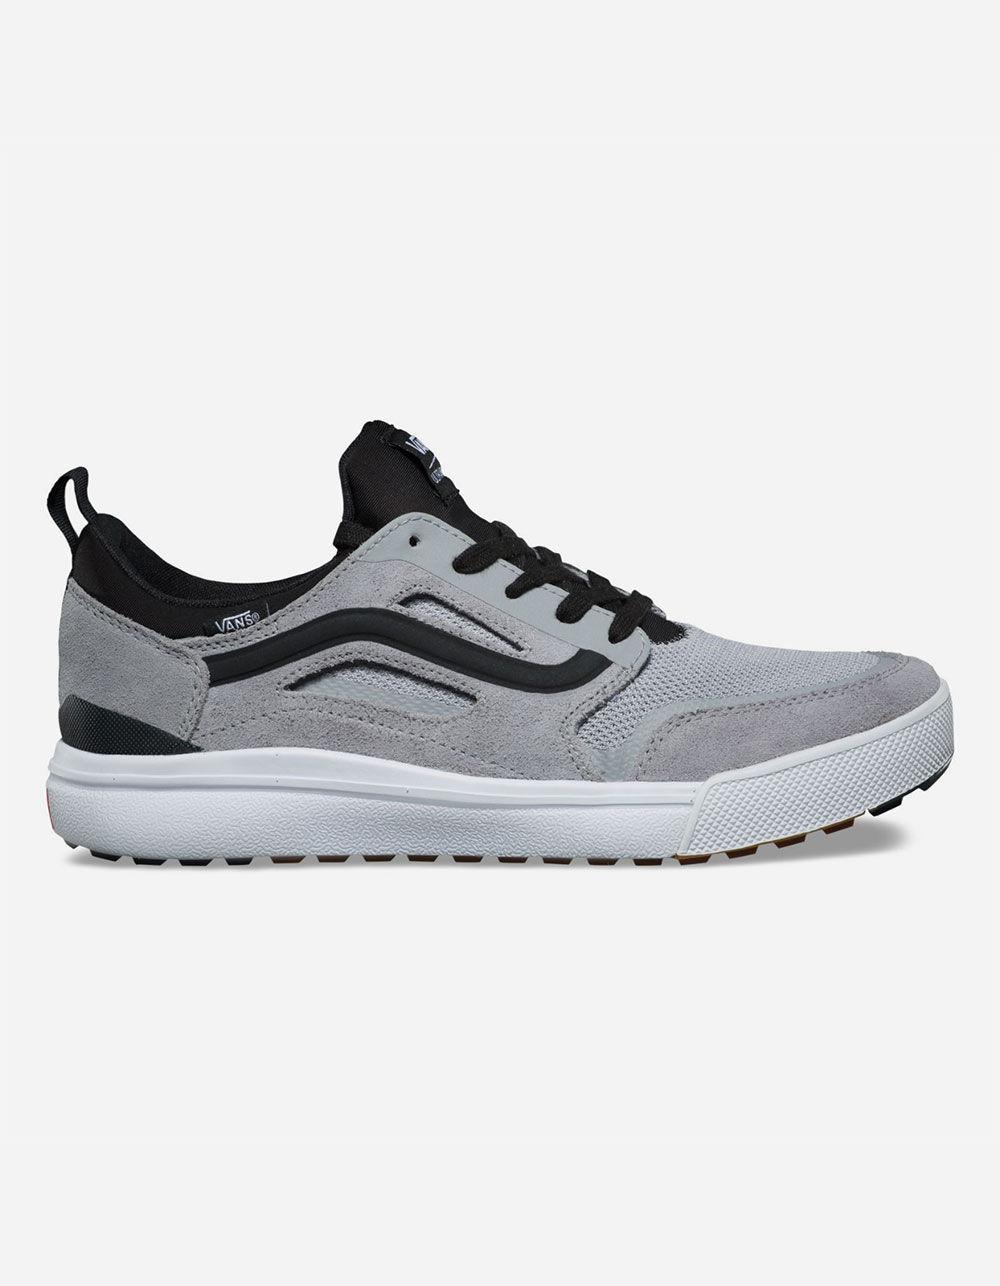 7f4872c3b1bb Lyst - Vans Ultrarange 3d Gray Shoes in Gray for Men